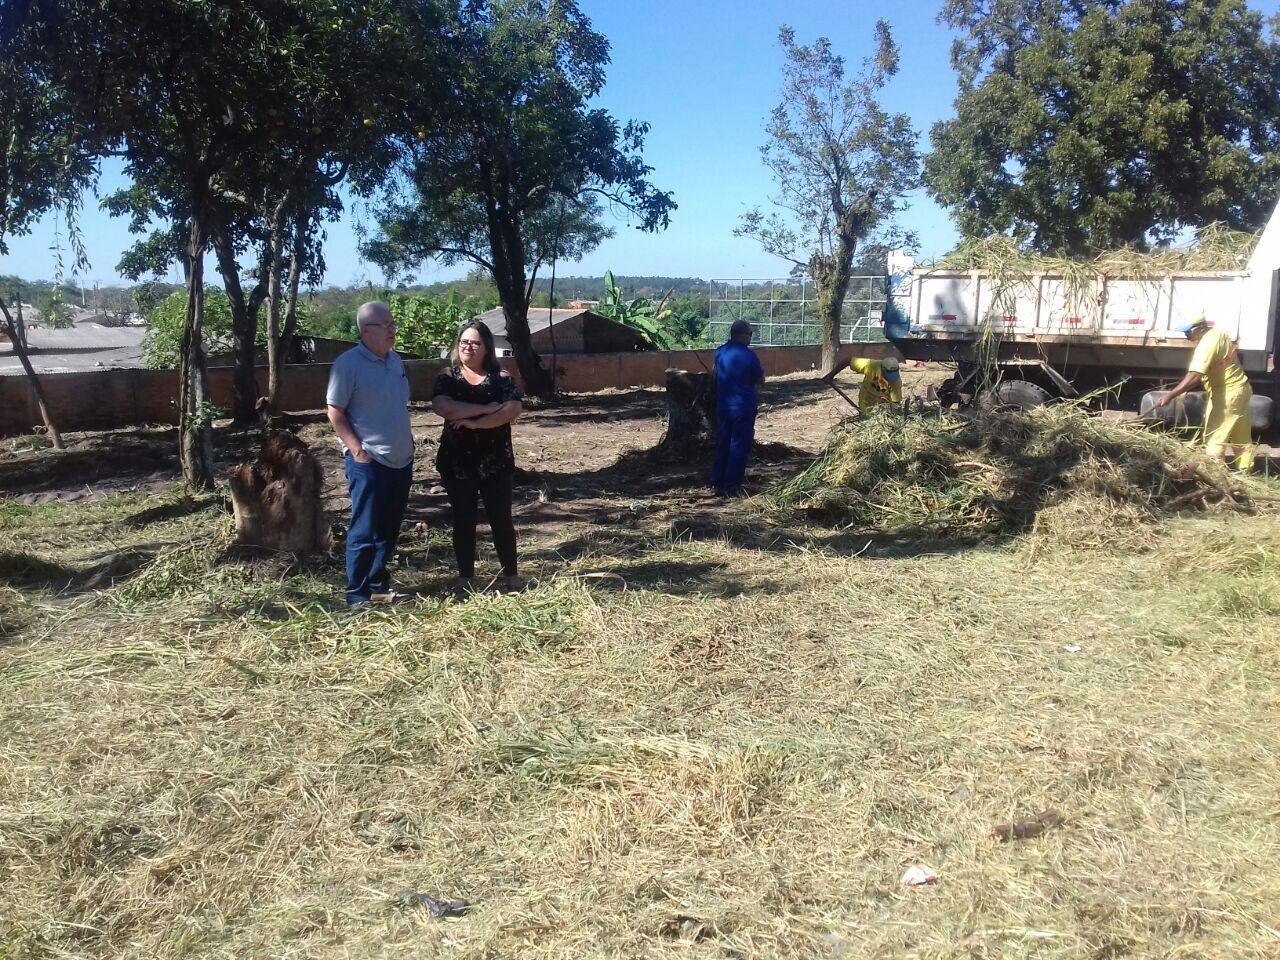 Vereador Bento do Bem acompanha limpeza na escola Izaura Ibanez Paiva